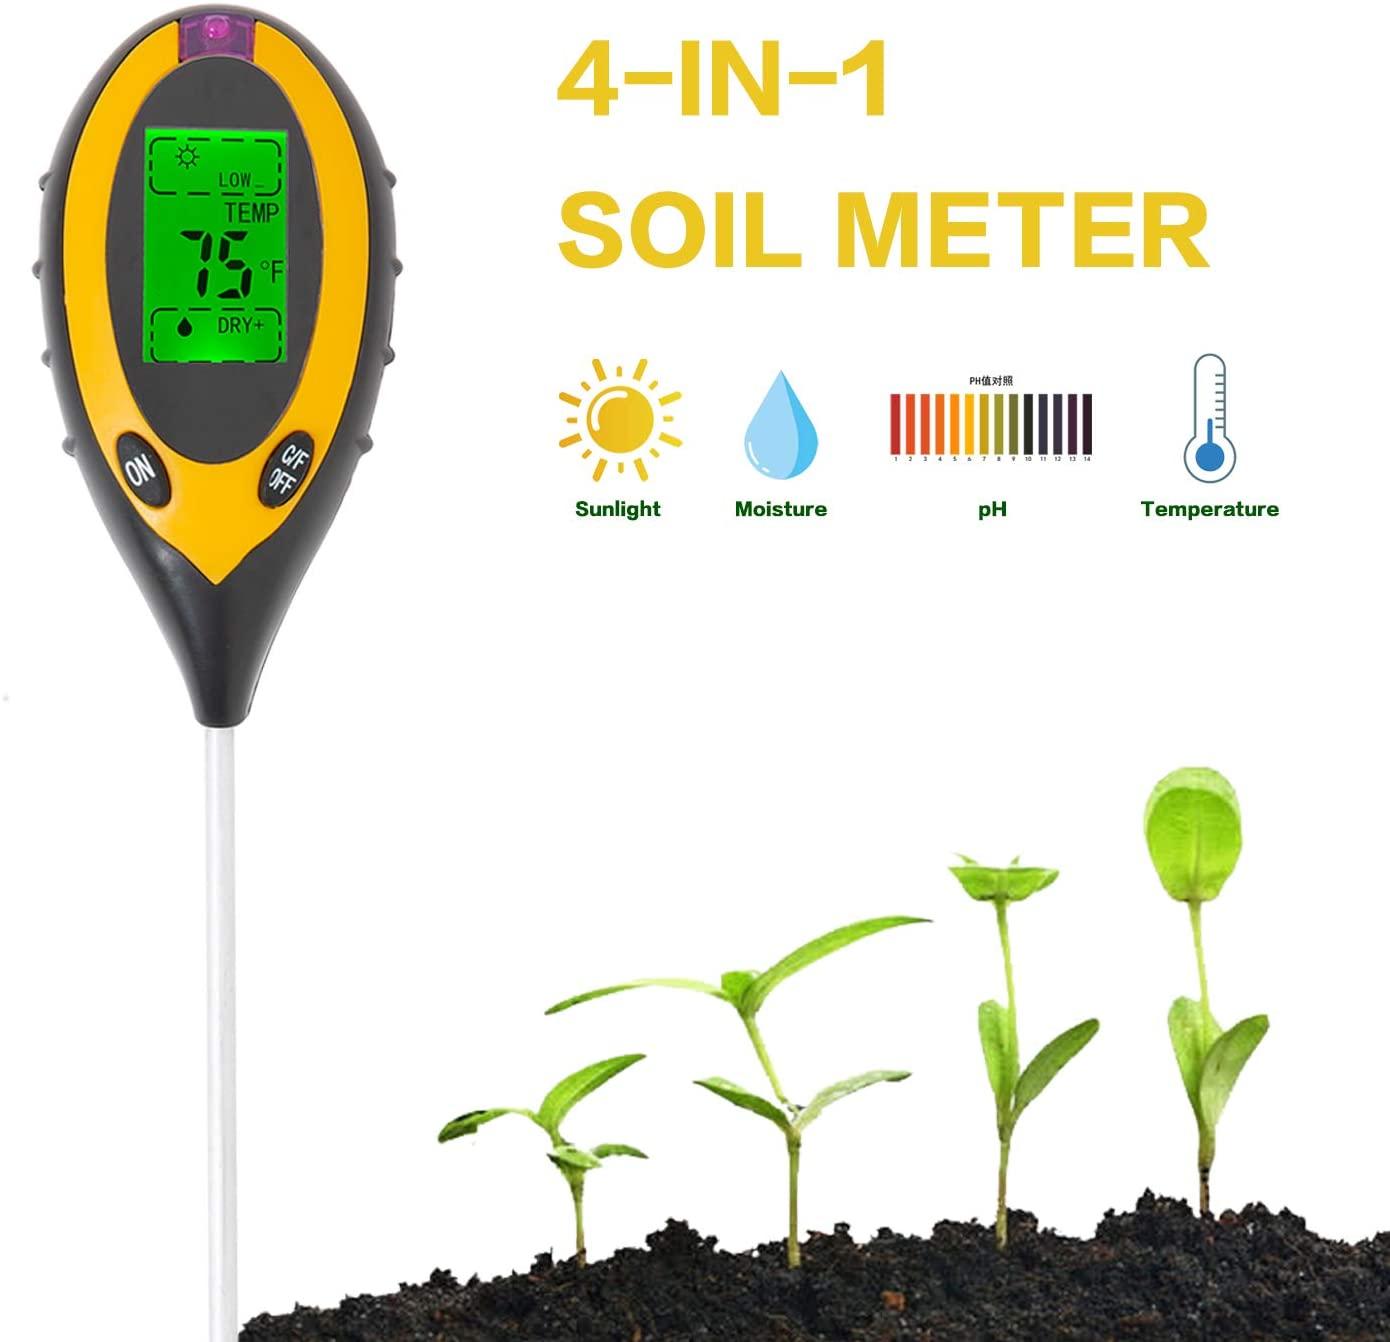 CDDG Soil pH Meter, Soil Moisture Meter, 4-in-1 Soil Temperature/Light/pH/Moisture Measuring Tool for Garden, Farm, Lawn, Indoor & Outdoor